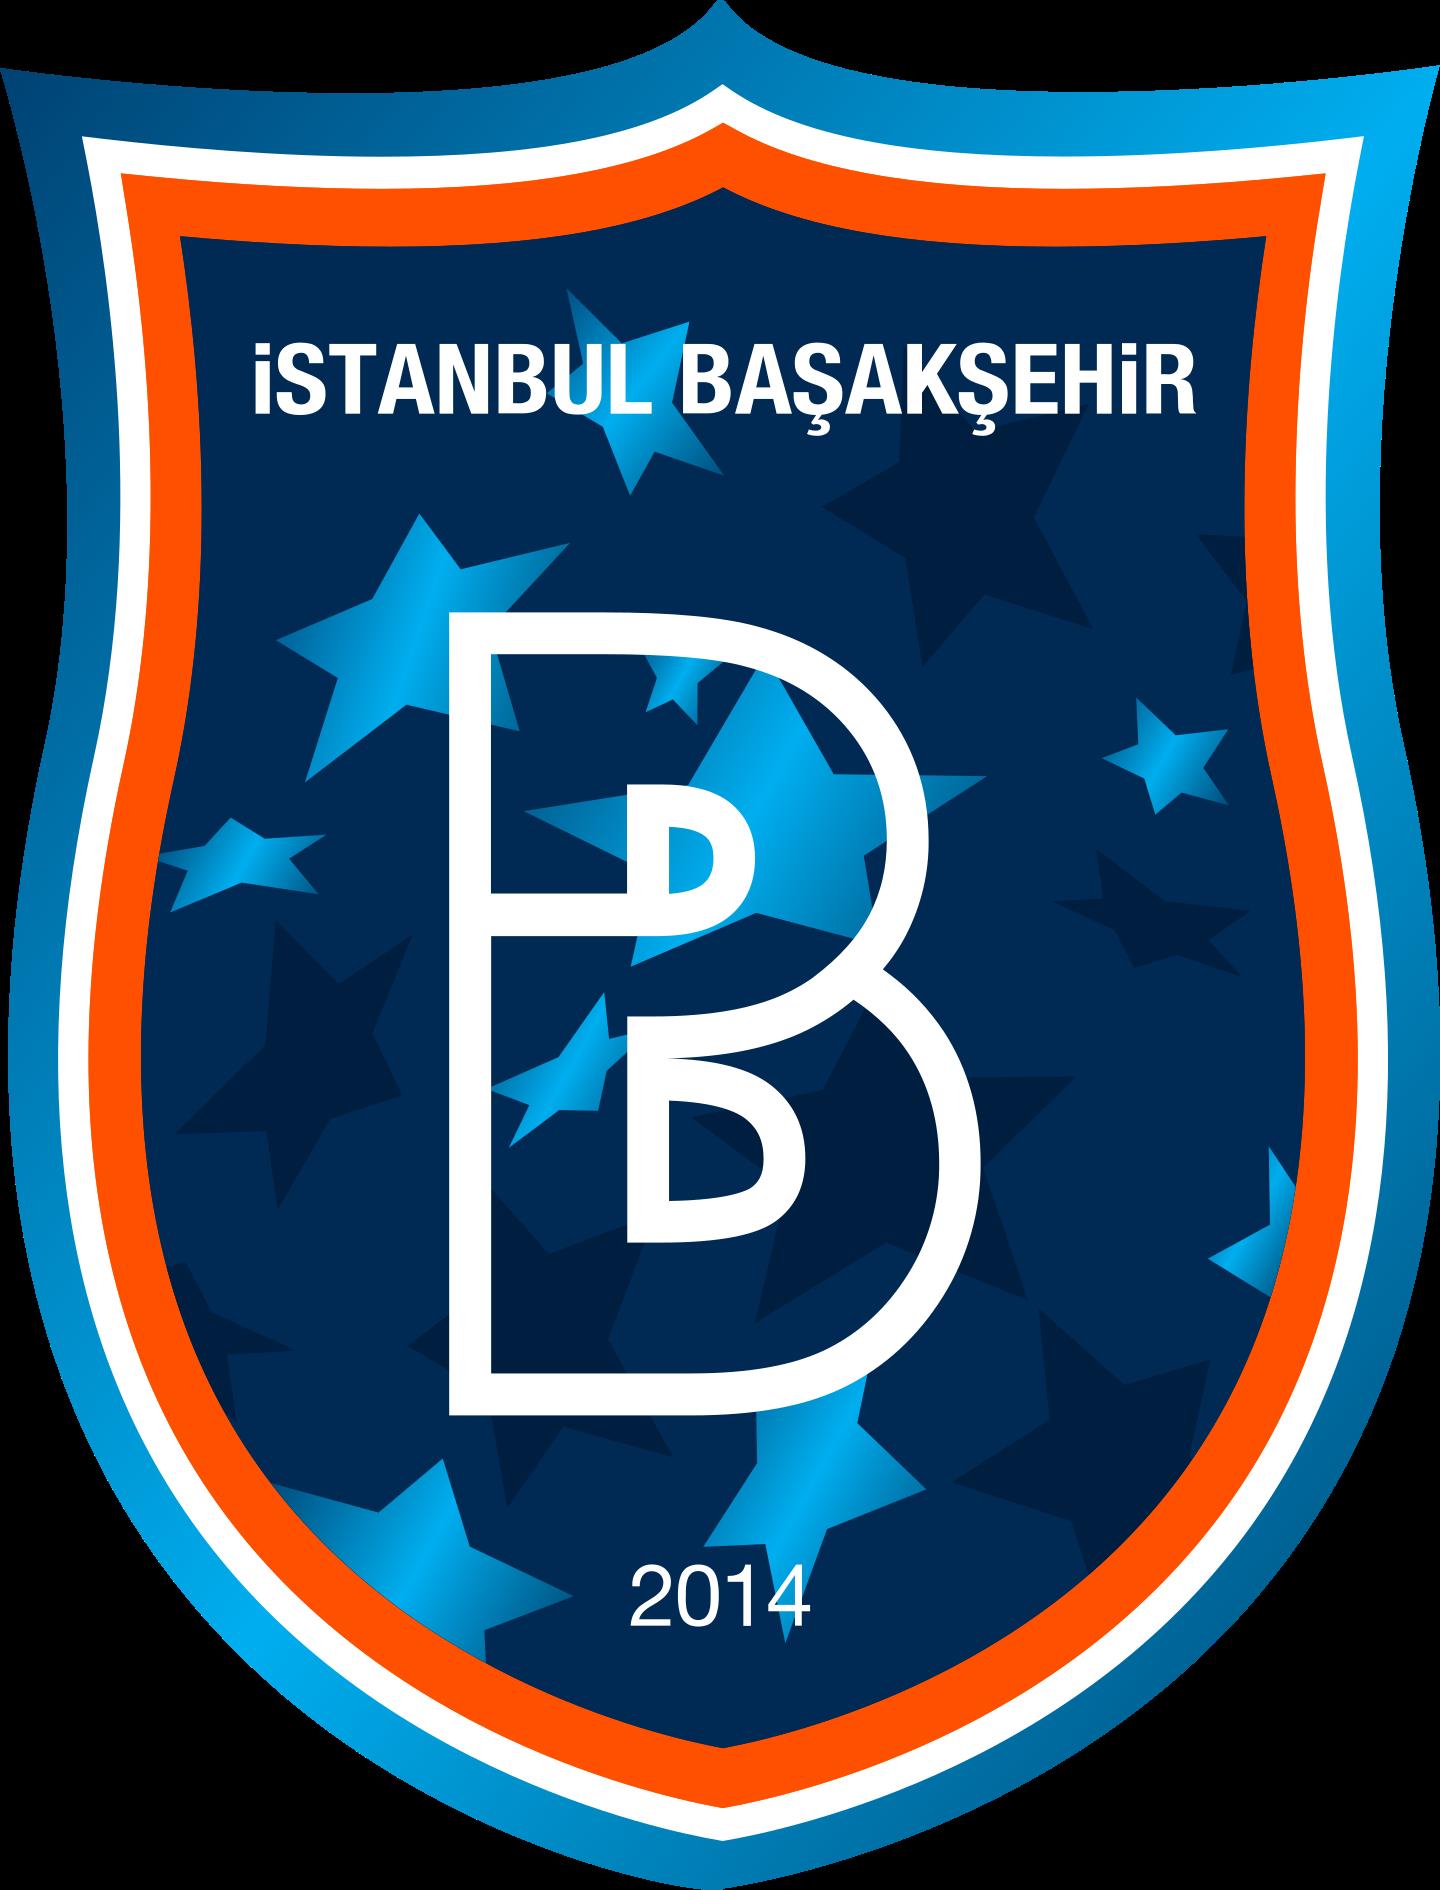 istanbul basaksehir logo 2 - Istanbul Basaksehir FC Logo